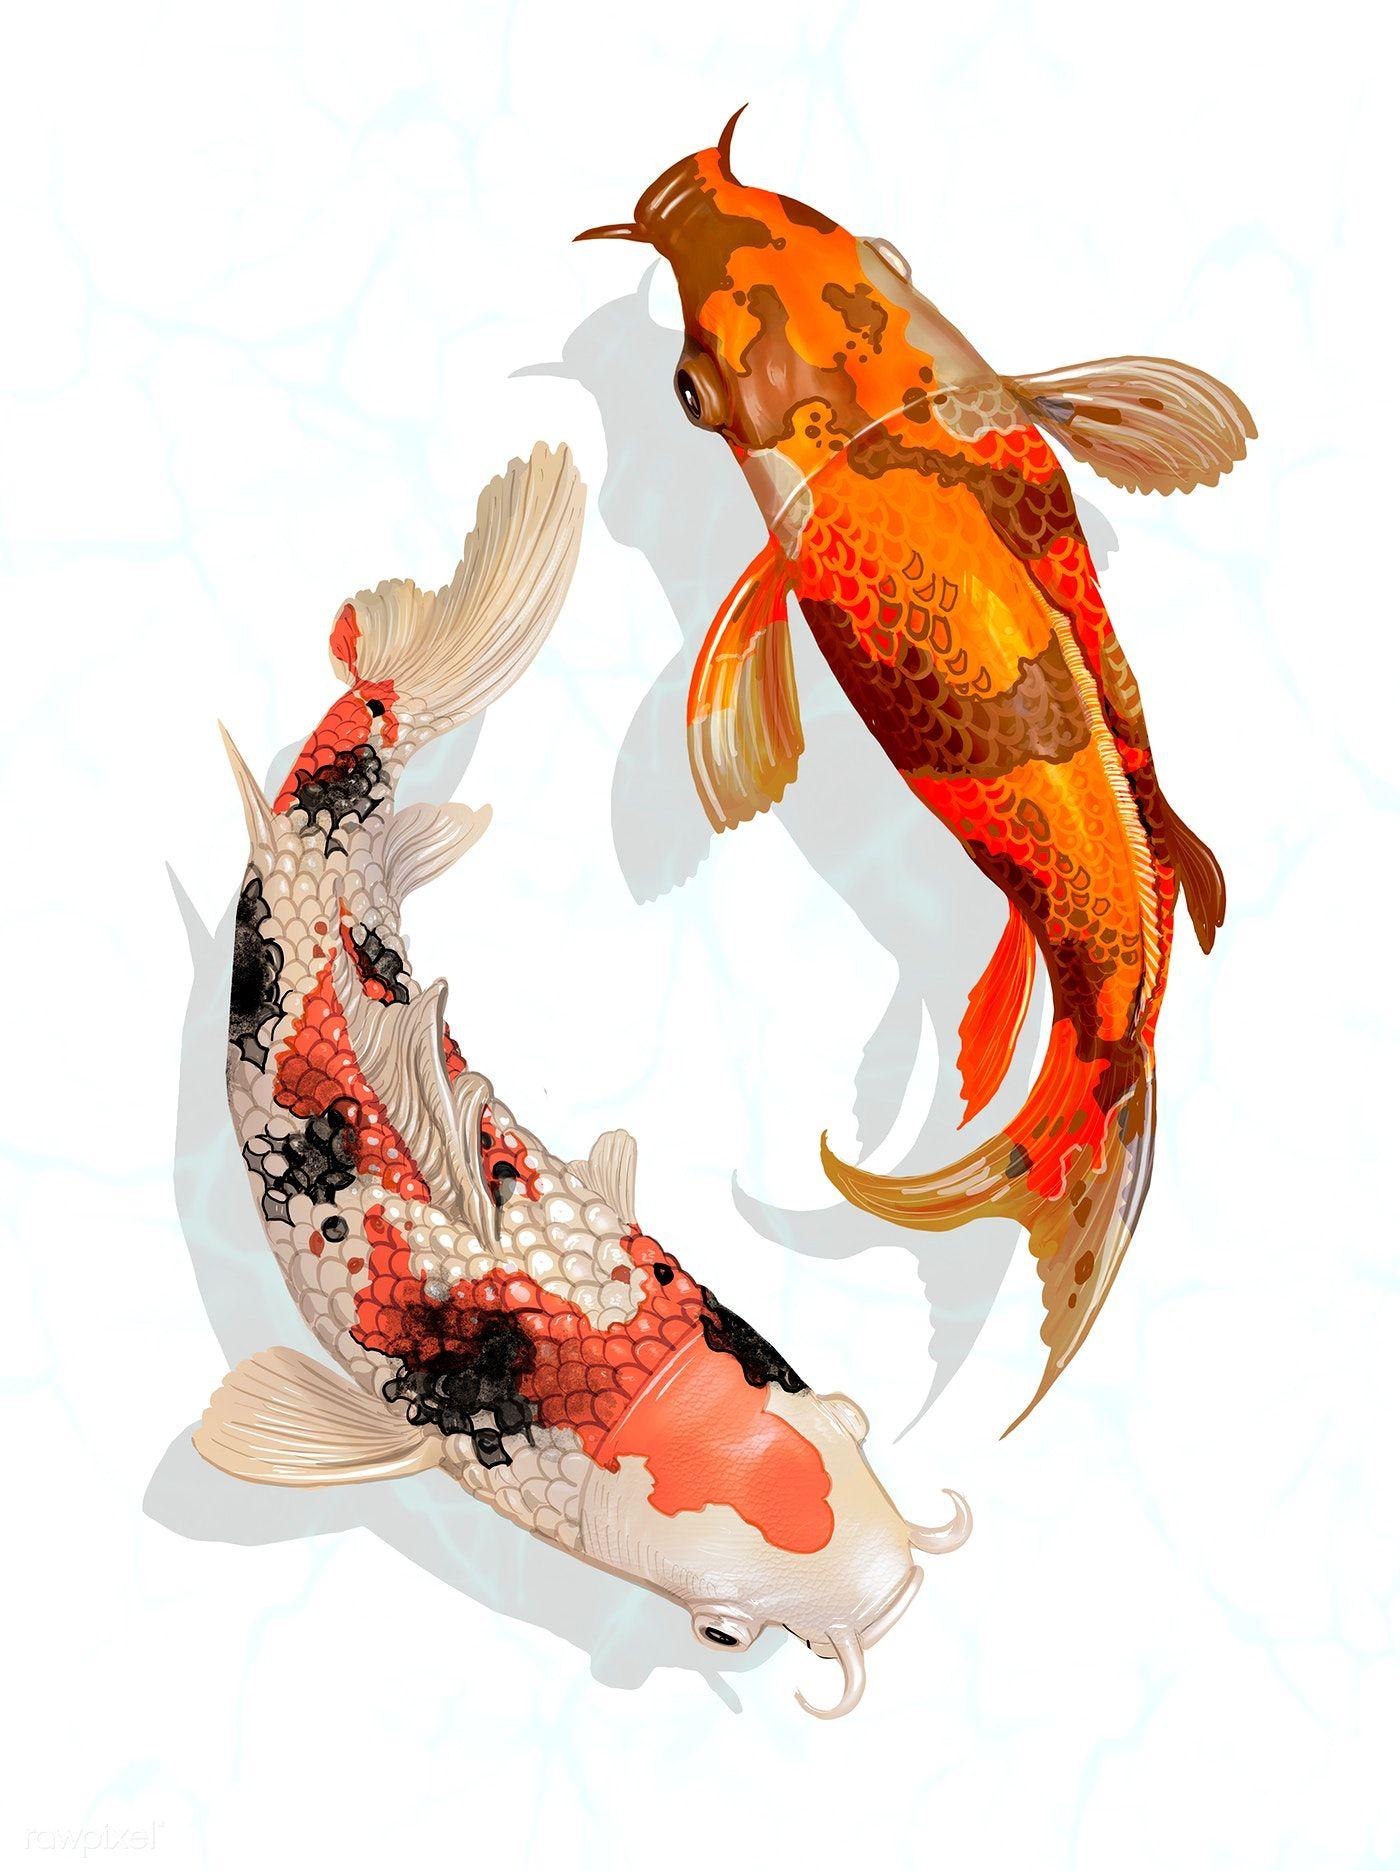 Карп японский картинка